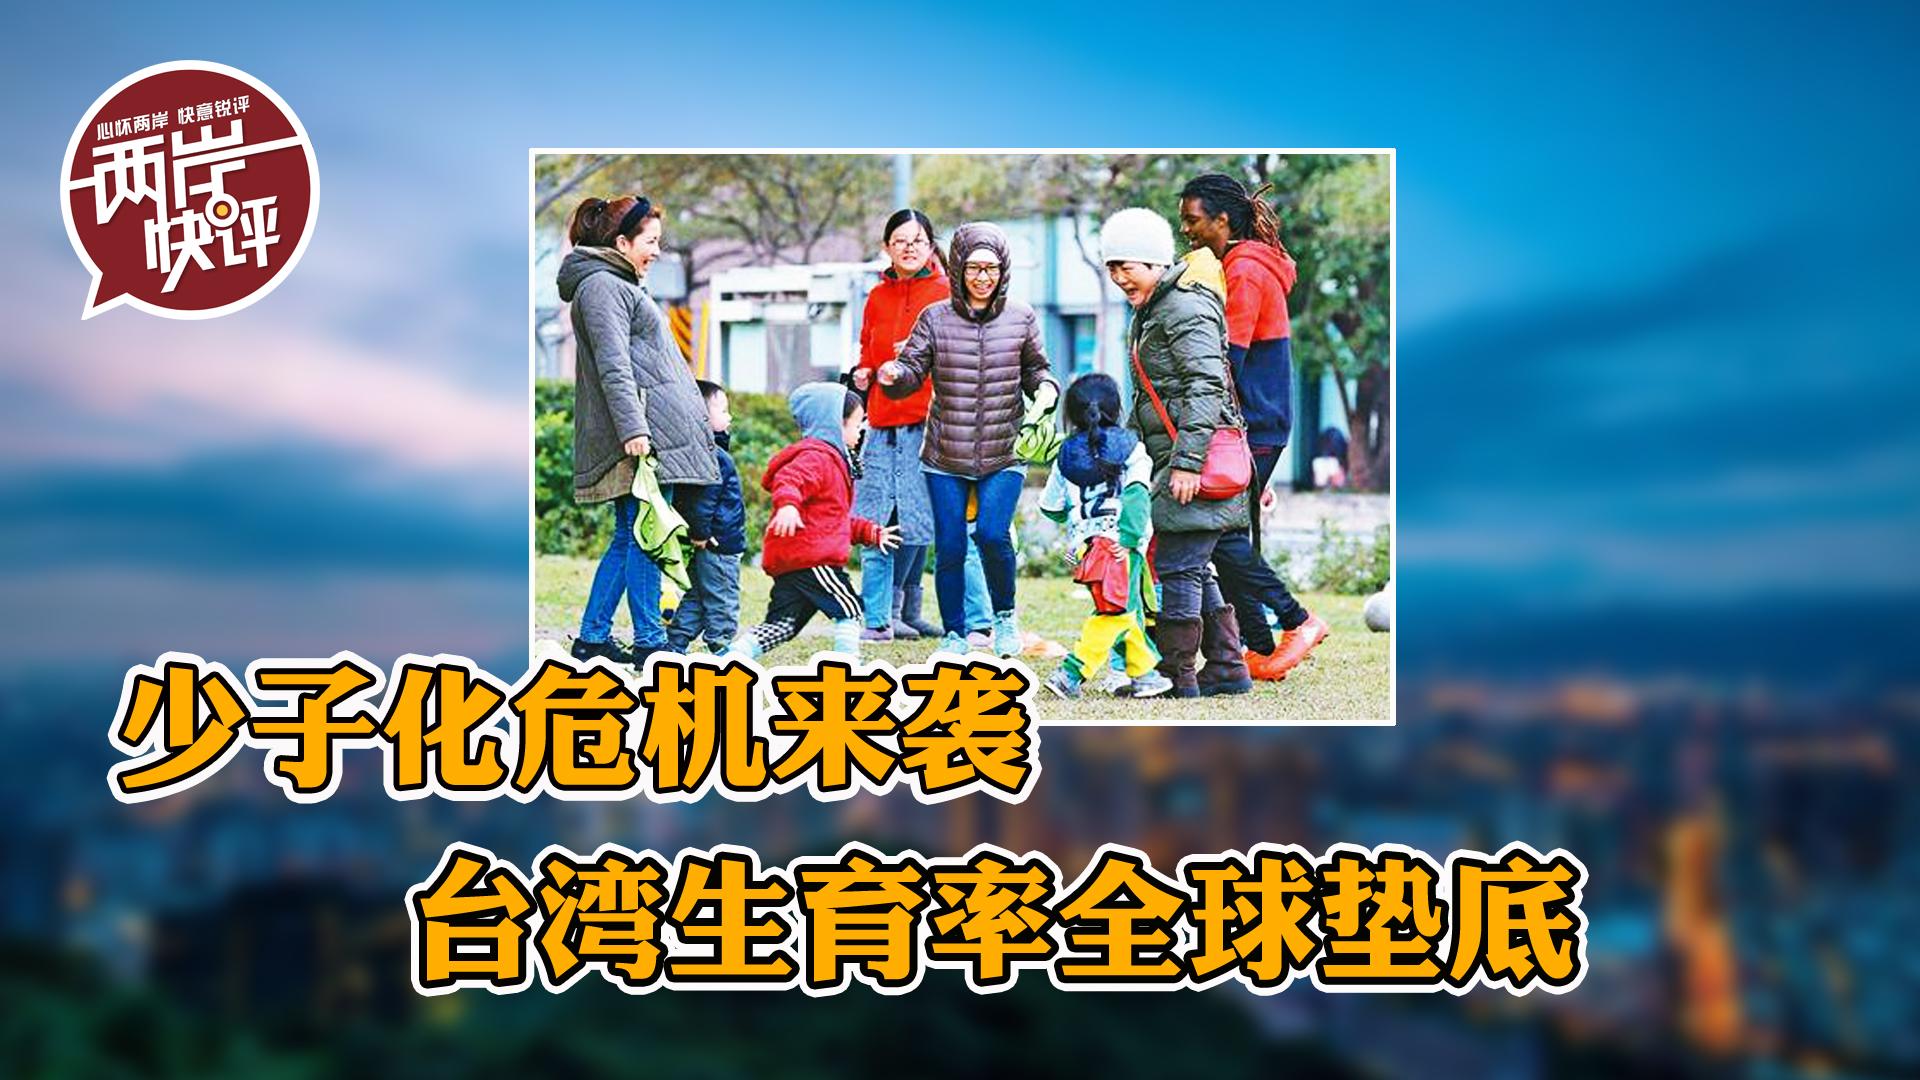 生育率全球墊底,為何臺灣年輕人不愛生孩子?圖片